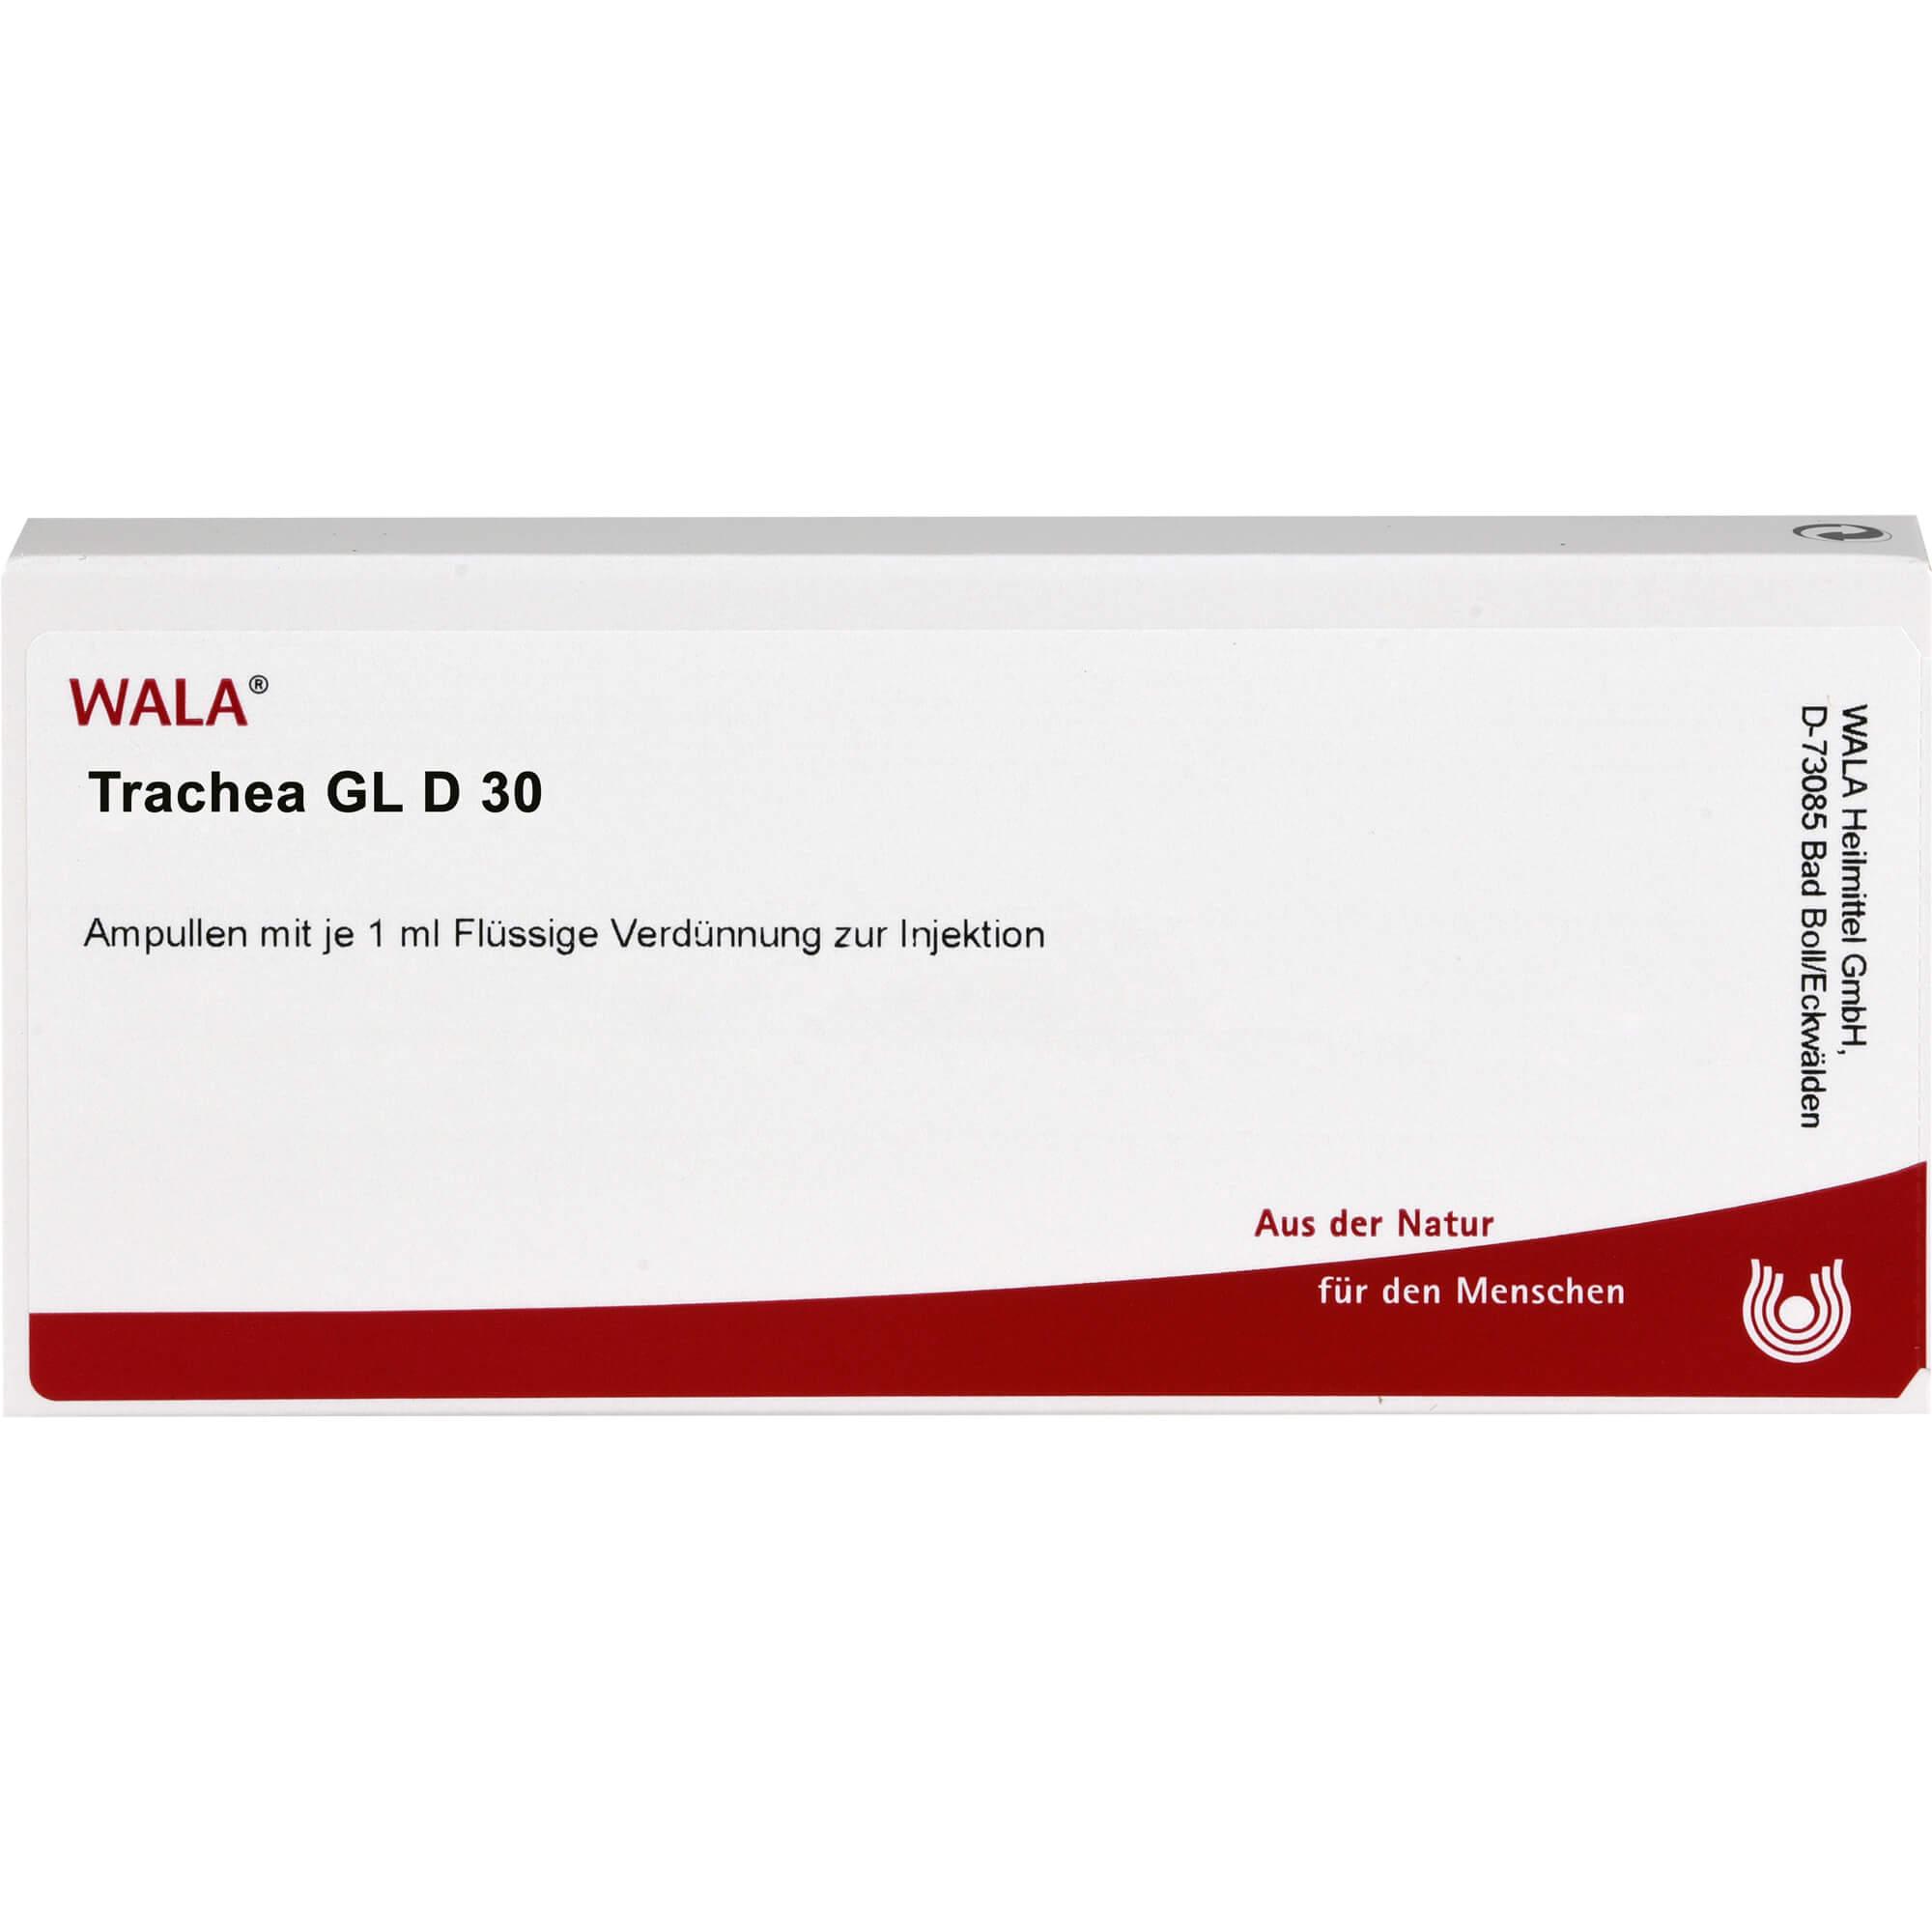 TRACHEA GL D 30 Ampullen